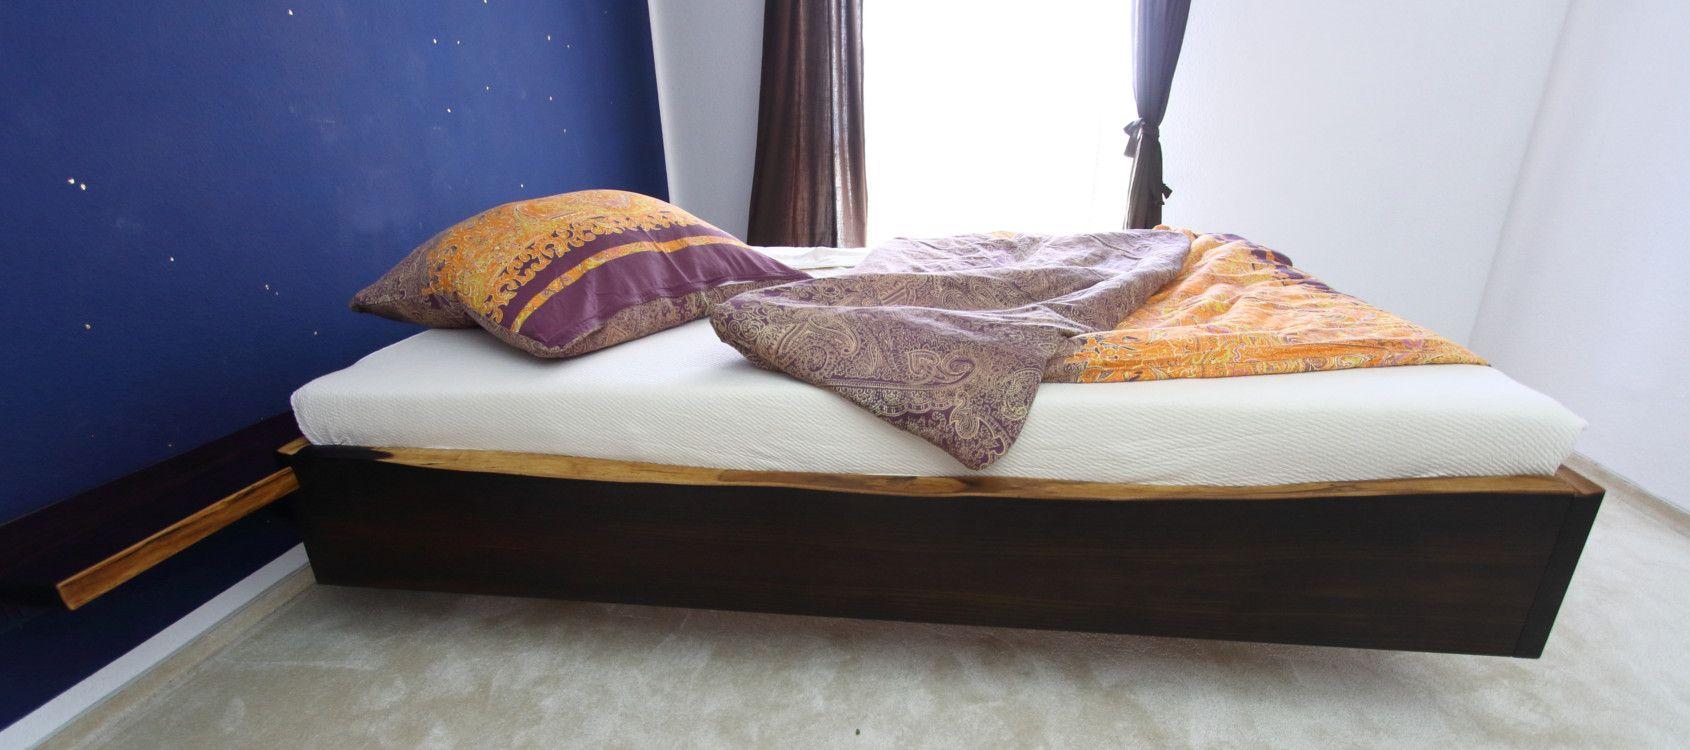 Full Size of Bett Mit Schreibtisch Luxus Hasena Betten Schramm Funktions Kolonialstil Schwebendes Rückwand Weiß 180x200 Massivholz Vintage Ikea 160x200 Weiße Bettkasten Bett Bett Ohne Füße